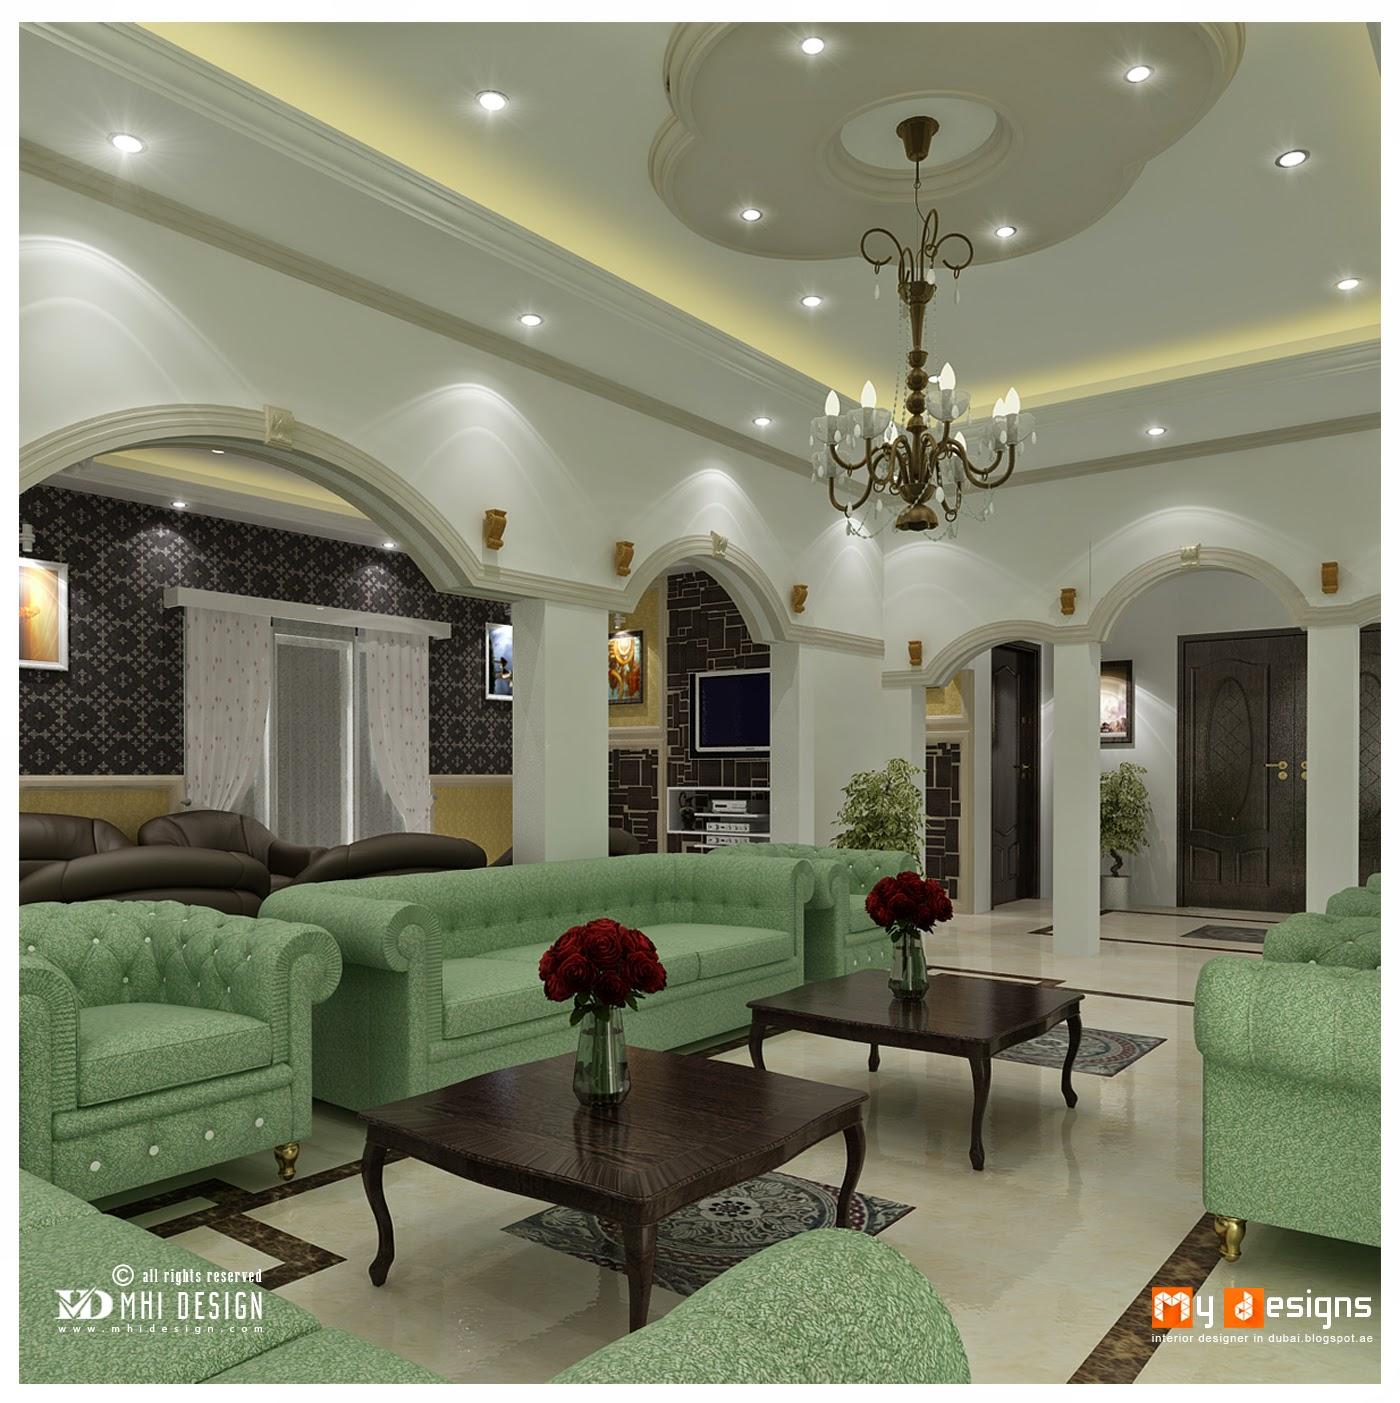 3d Interior Design Company In Dubai Home Design